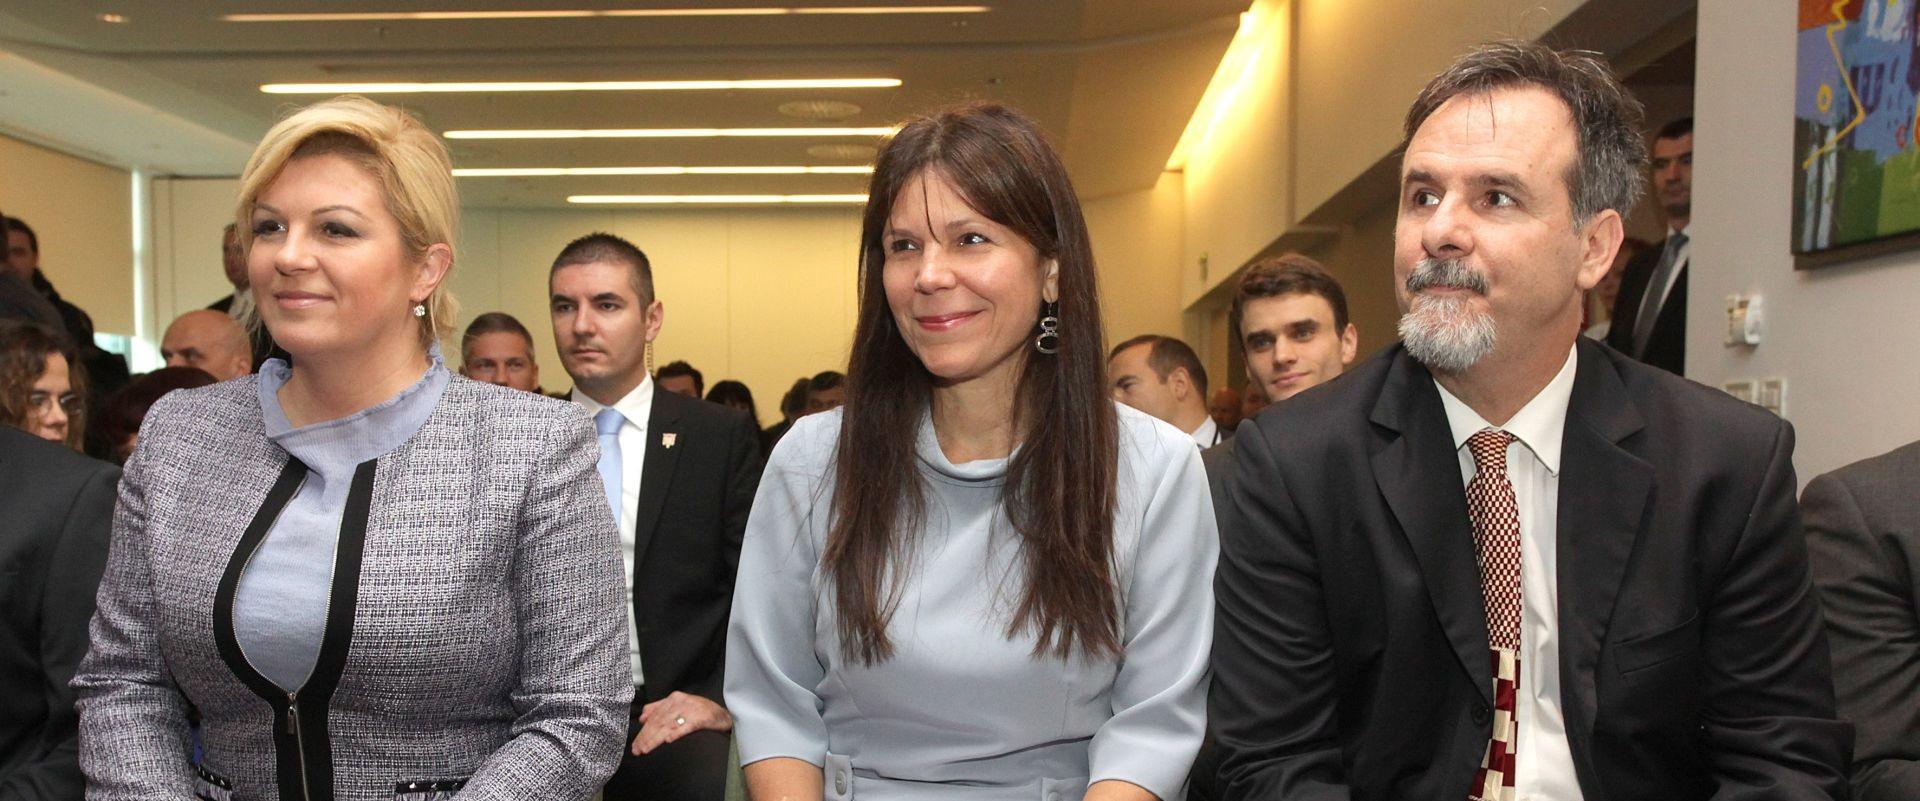 Pre-Meeting: Hrvati zajedno u biznisu i predstavljanje konferencije Meeting G2.2 u srijedu 29. lipnja